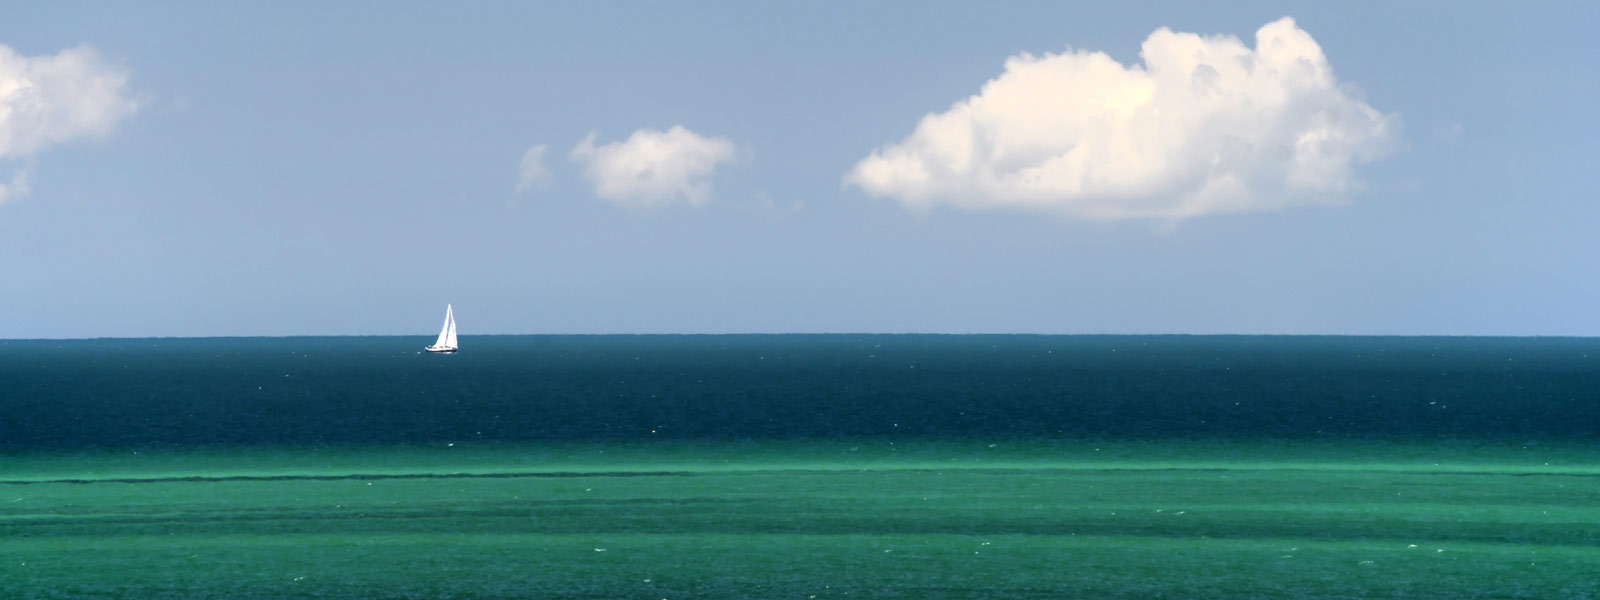 Sail boat on a calm ocean.